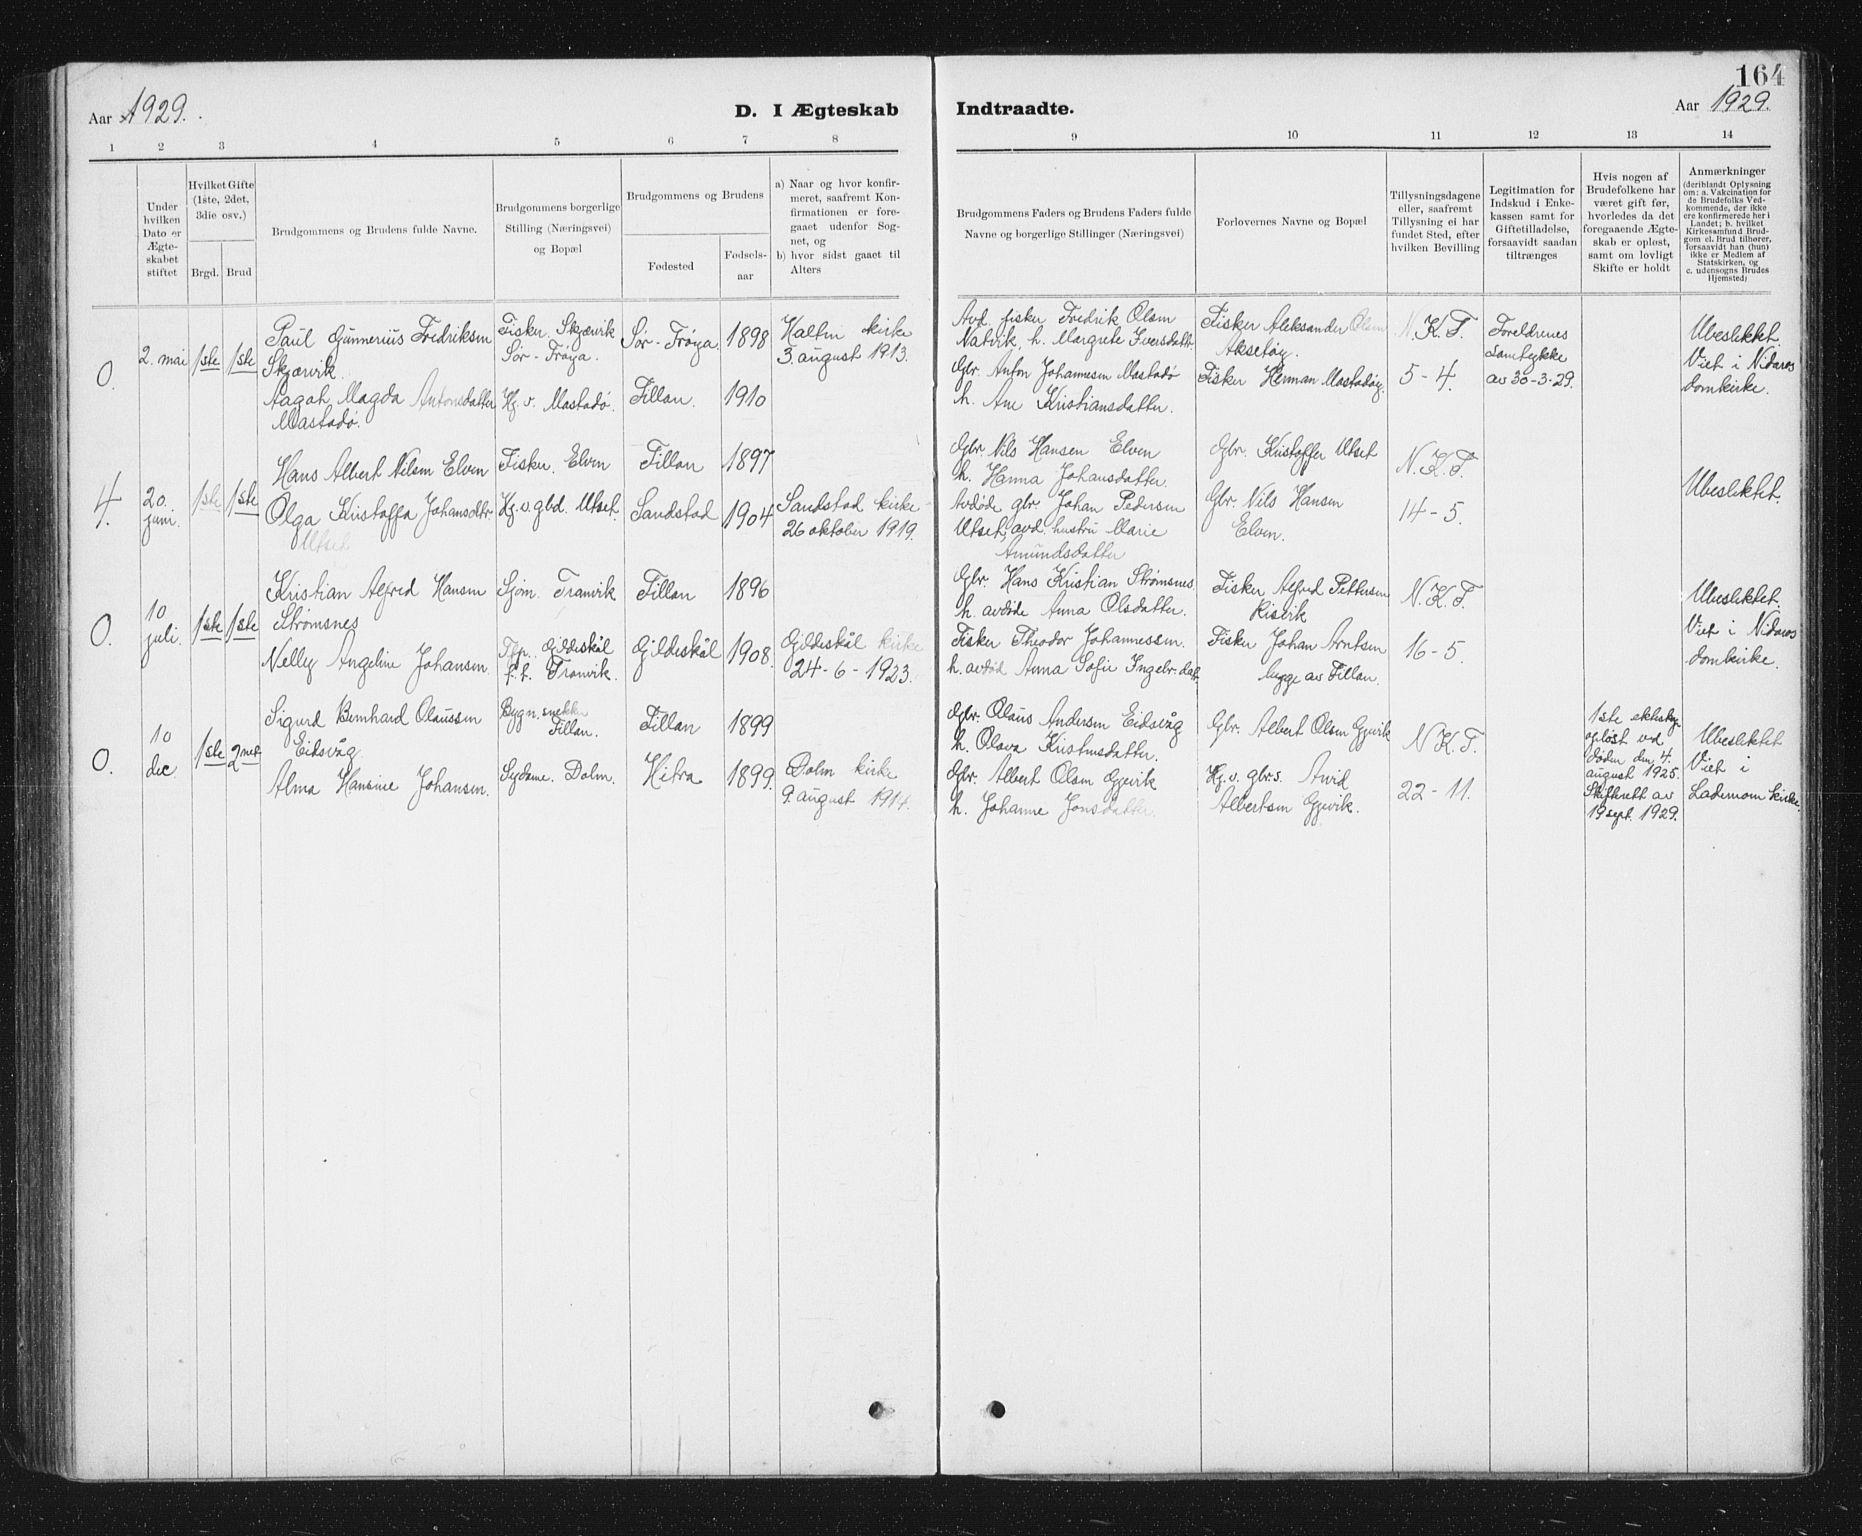 SAT, Ministerialprotokoller, klokkerbøker og fødselsregistre - Sør-Trøndelag, 637/L0563: Klokkerbok nr. 637C04, 1899-1940, s. 164